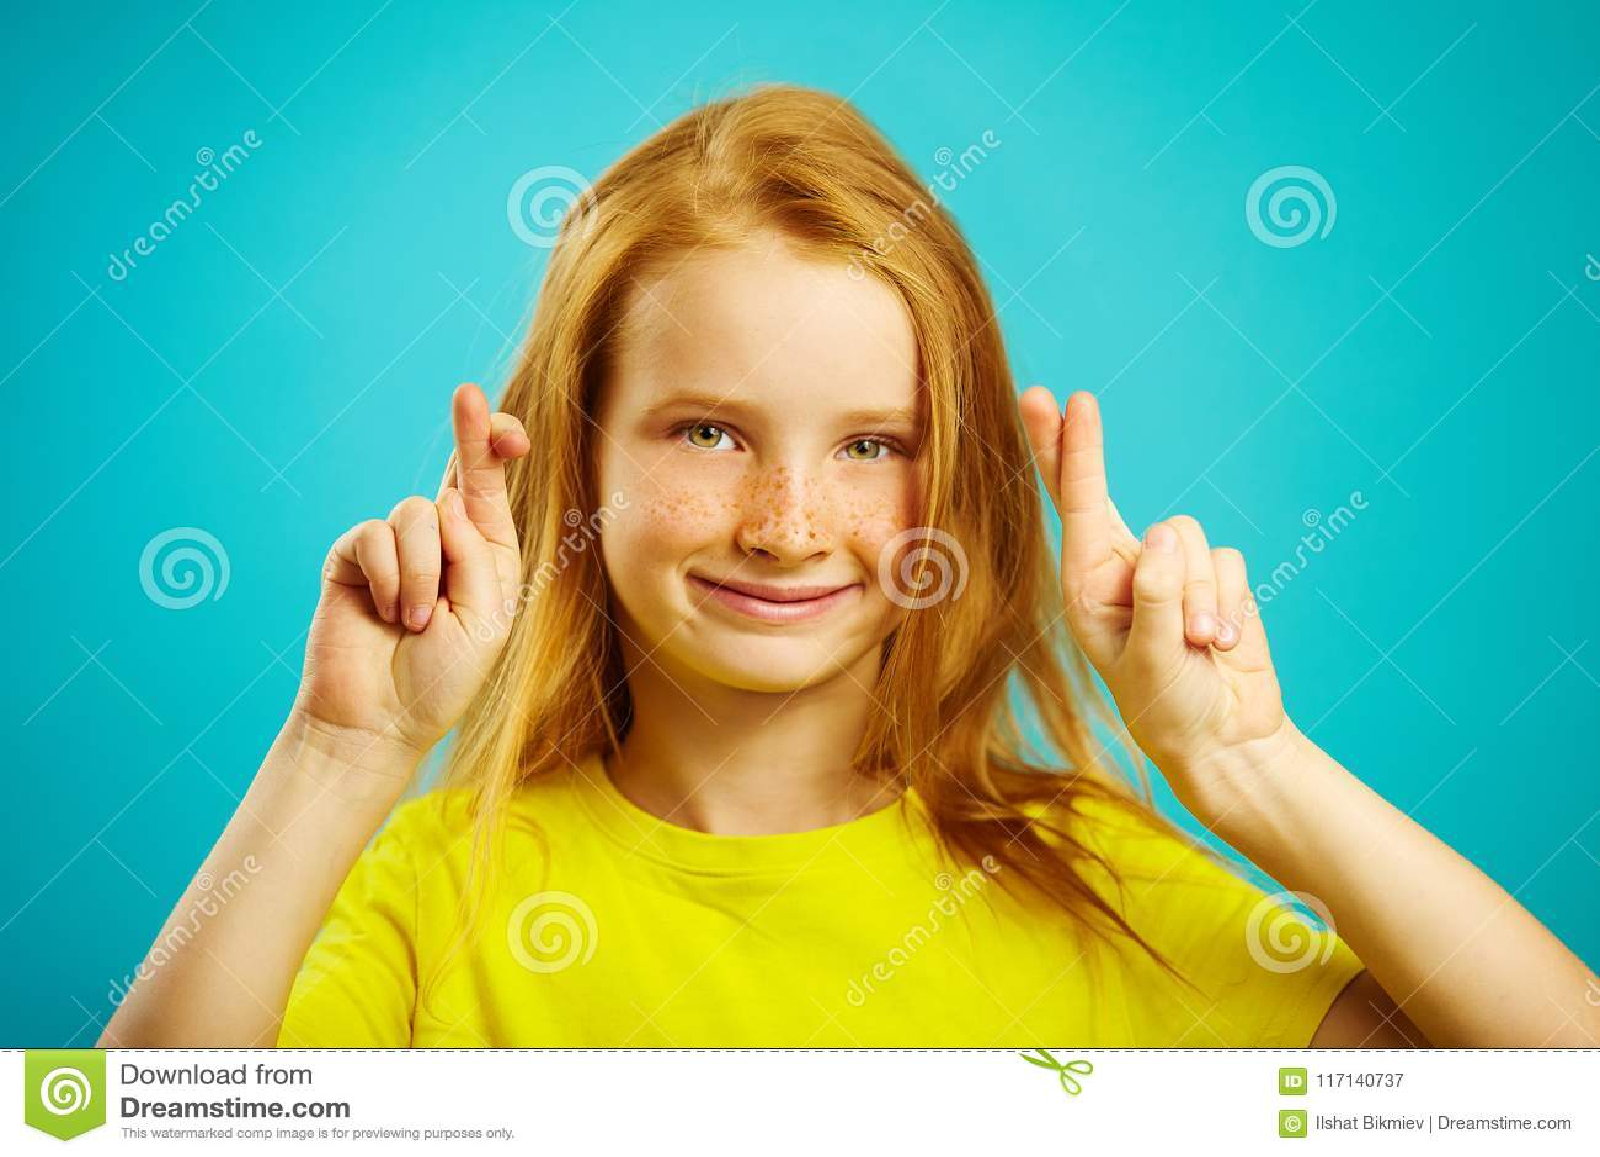 Piękna mała dziewczynka z czerwonym włosy i piegami robi życzeniu, palce krzyżujący, wiary w zadości sen, a